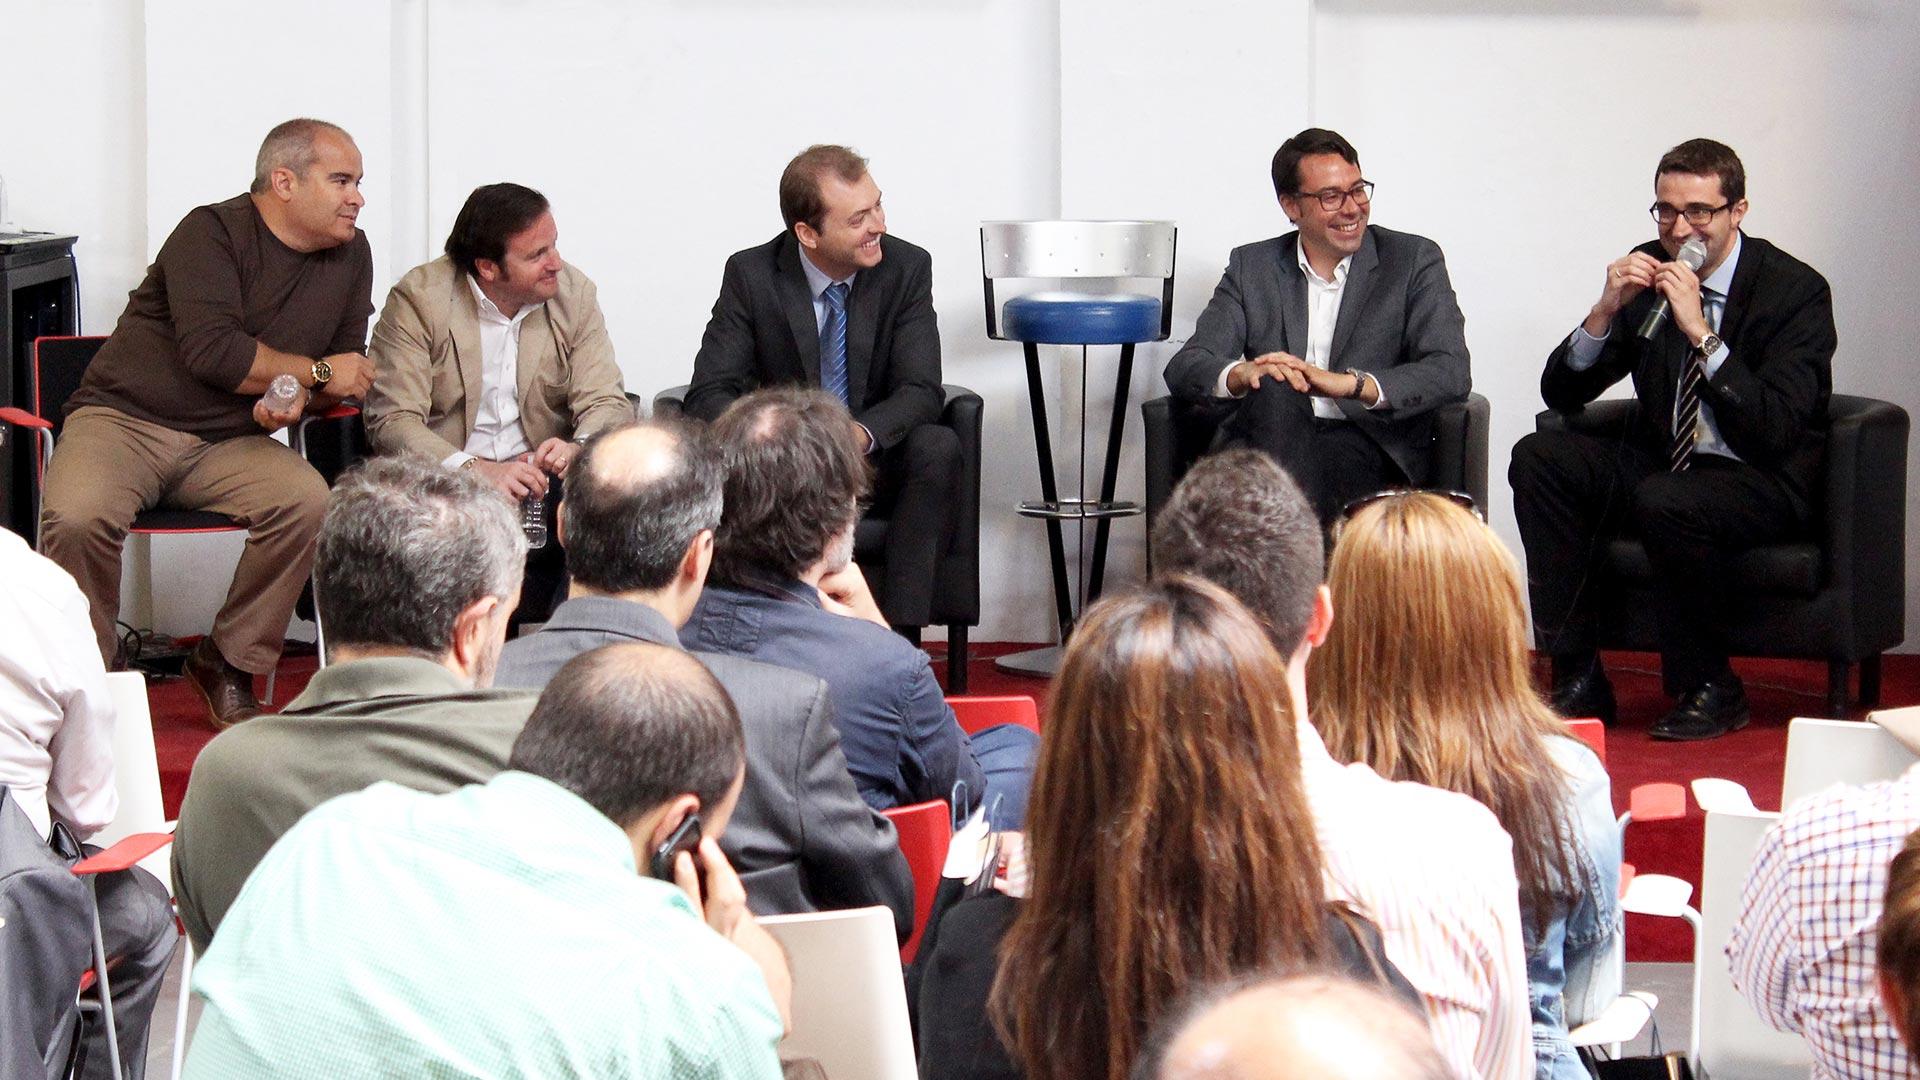 tpnet-eventos-encuentros-profesionales-iot-debate